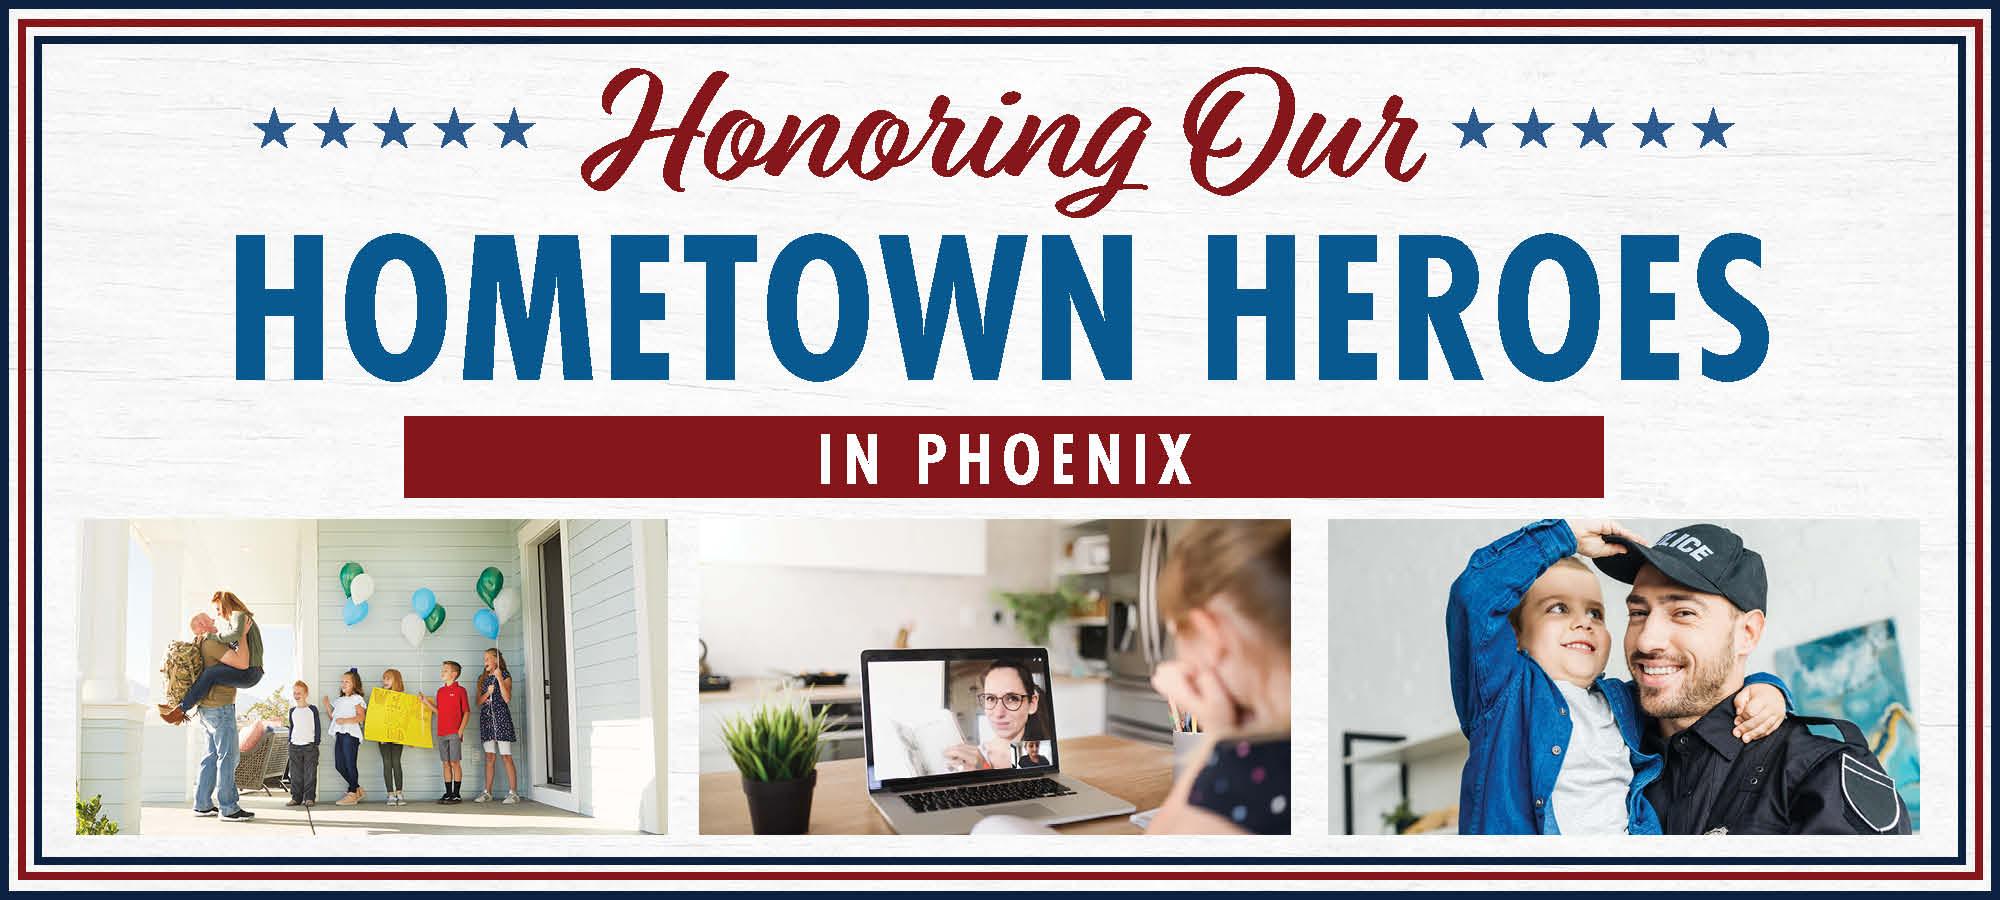 Salute to Hometown Heroes in Phoenix